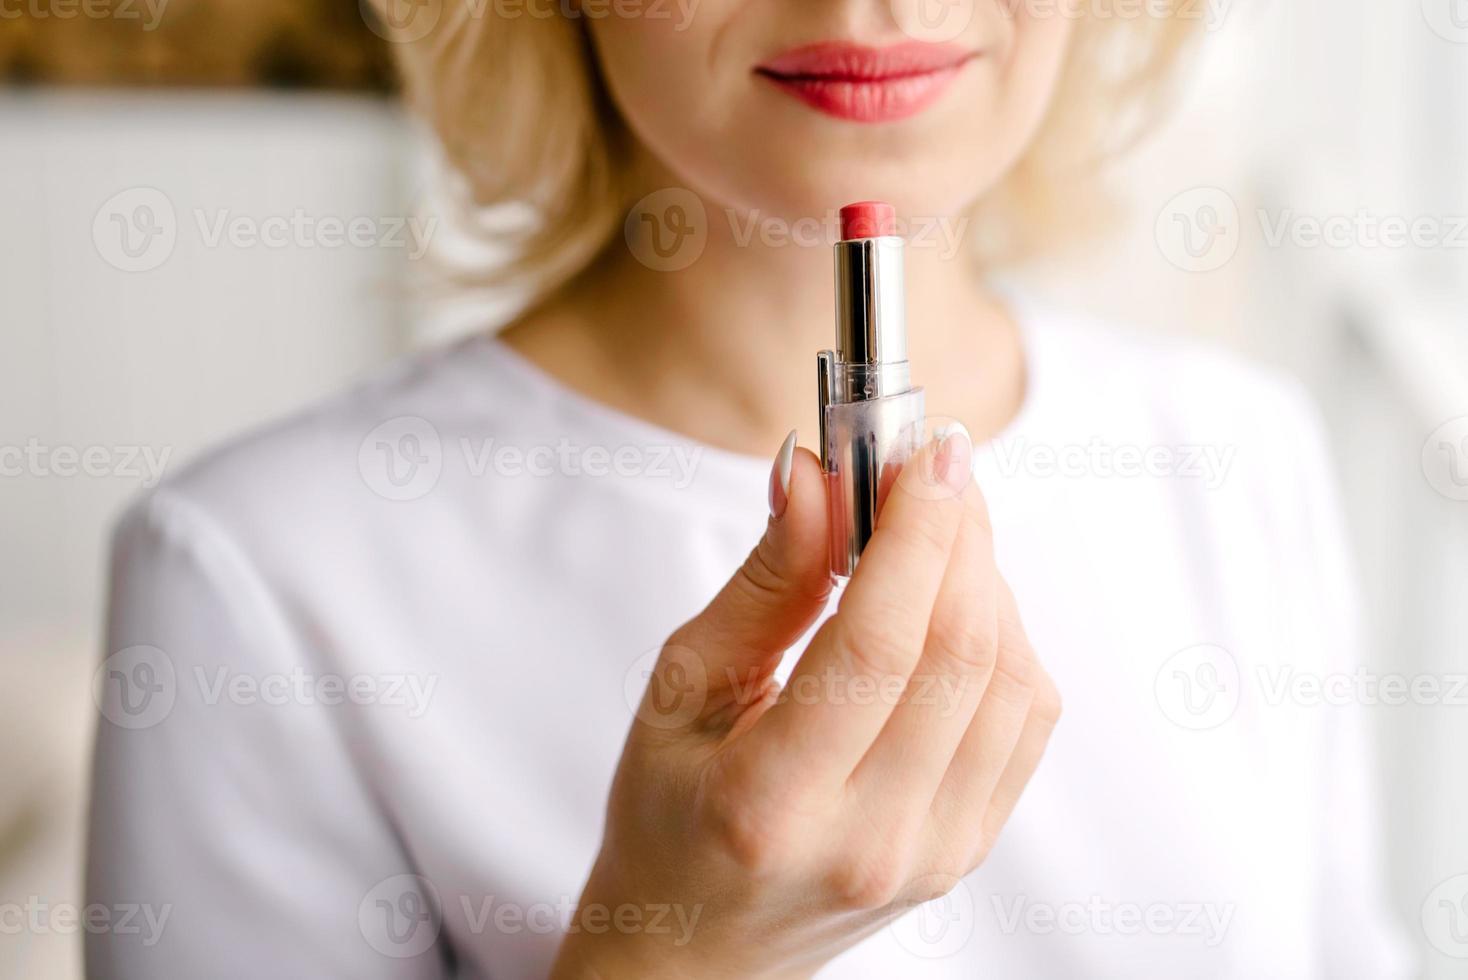 rouge à lèvres pour peindre les lèvres photo